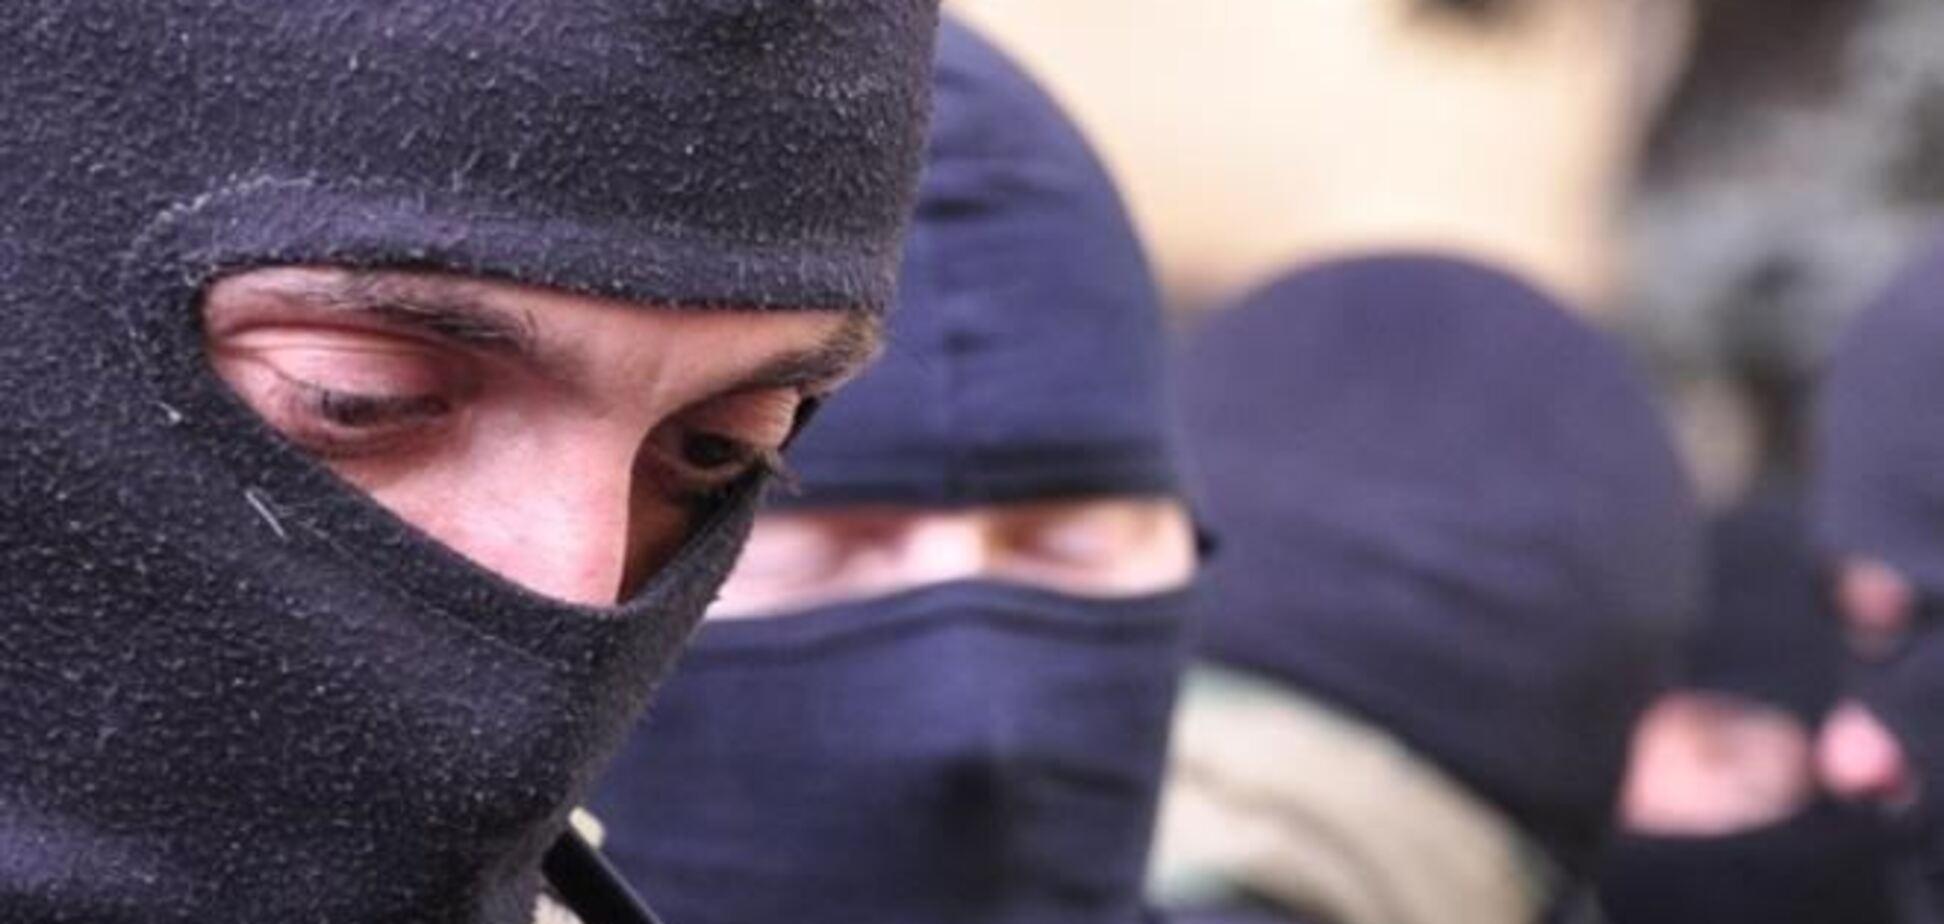 На Евромайдане 'Альфе' отдали приказ уничтожить всех лидеров оппозиции - Москаль